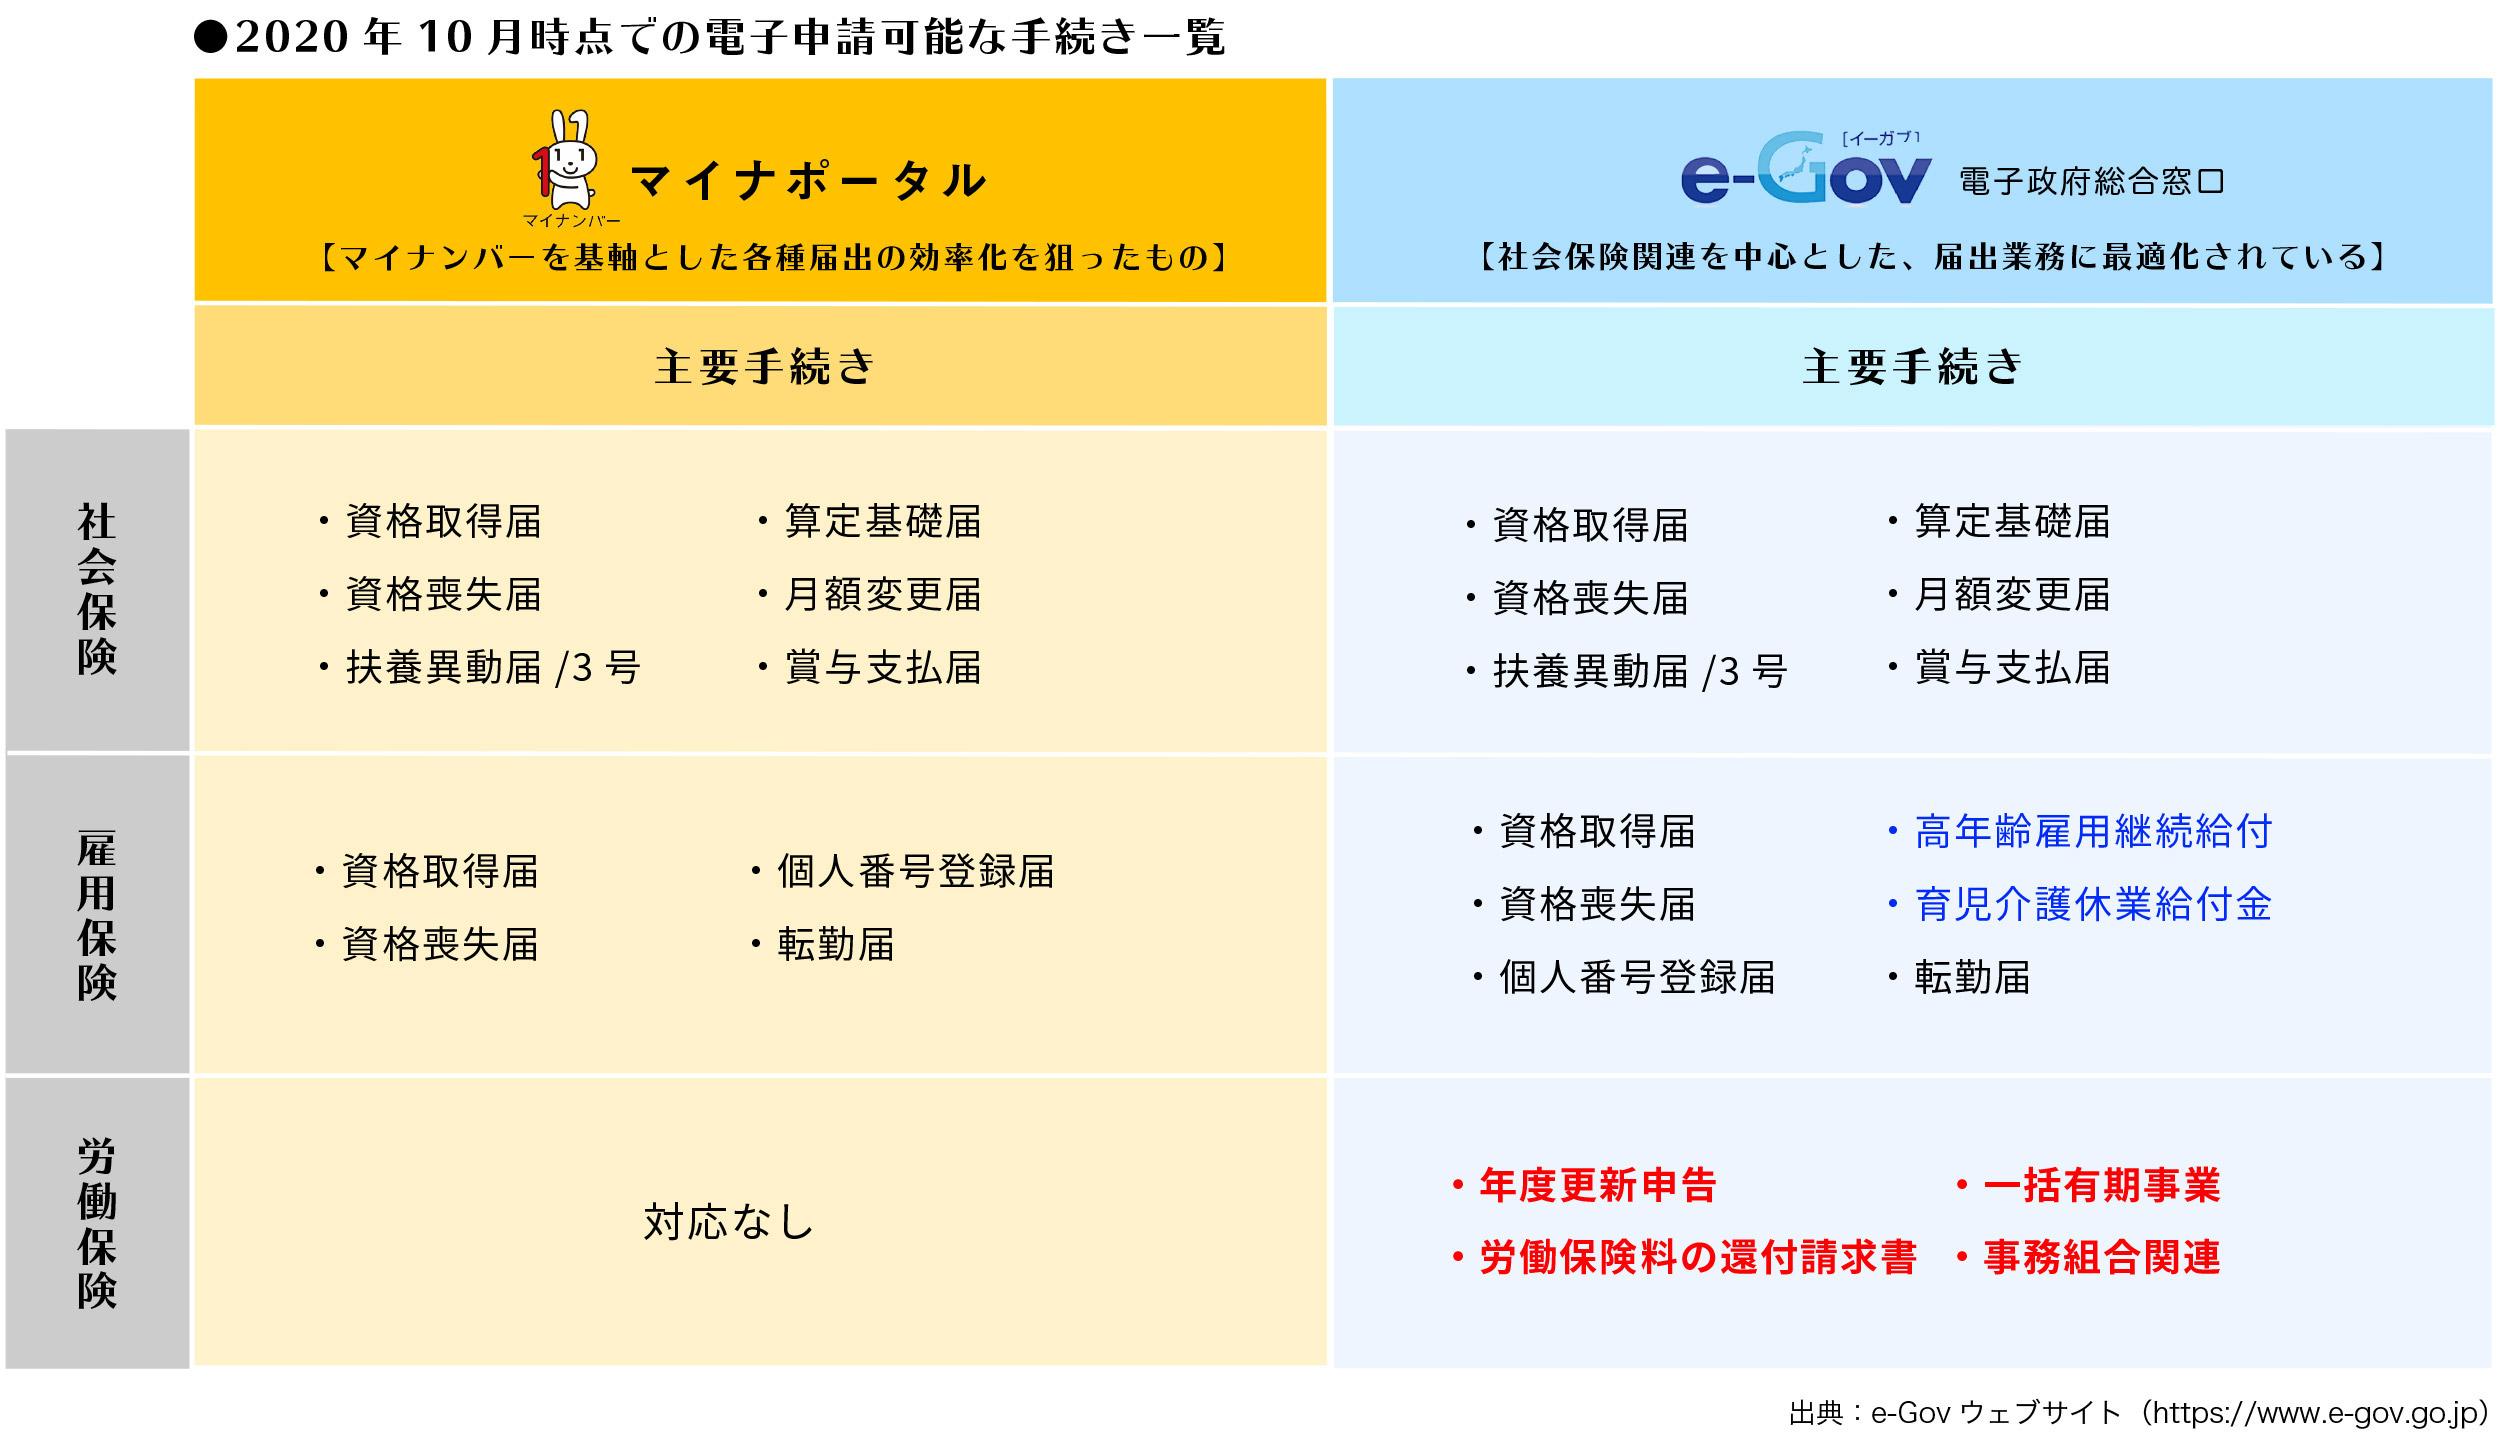 マイナポータル申請とe-Gov申請徹底比較